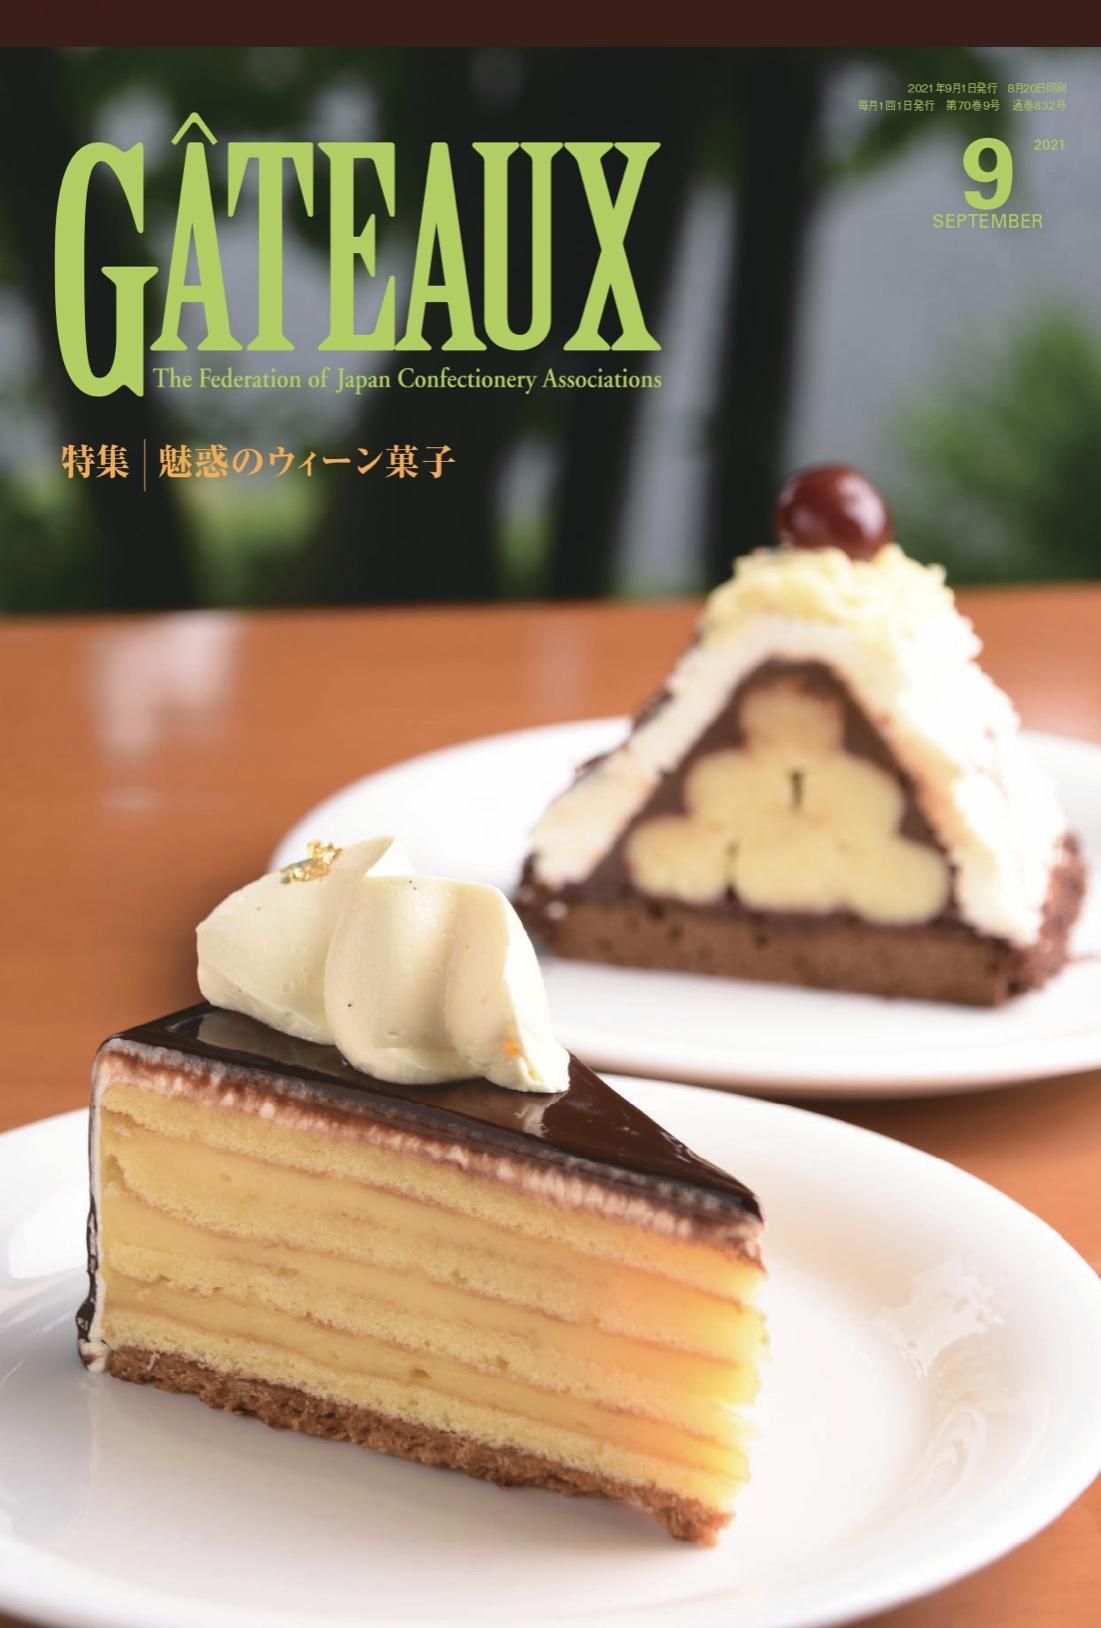 一般社団法人日本洋菓子協会機関誌『GÂTEAUX(ガトー)』9月号掲載のお知らせ